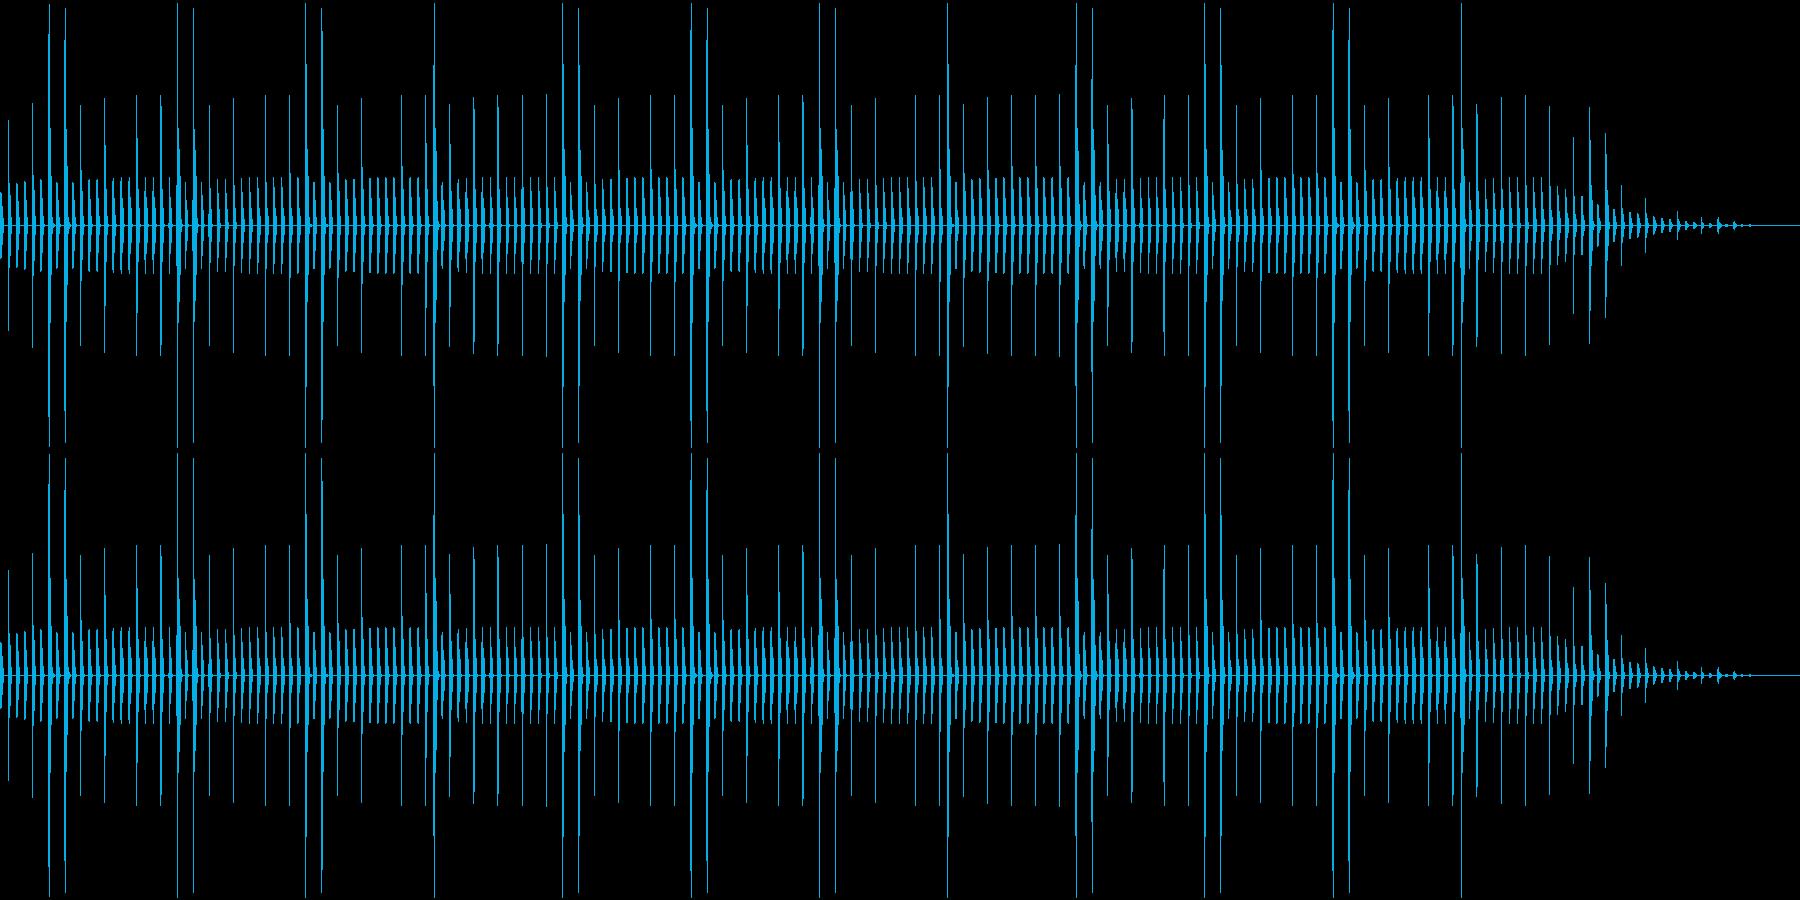 昔のパソコン音源を使ったリズムループの再生済みの波形